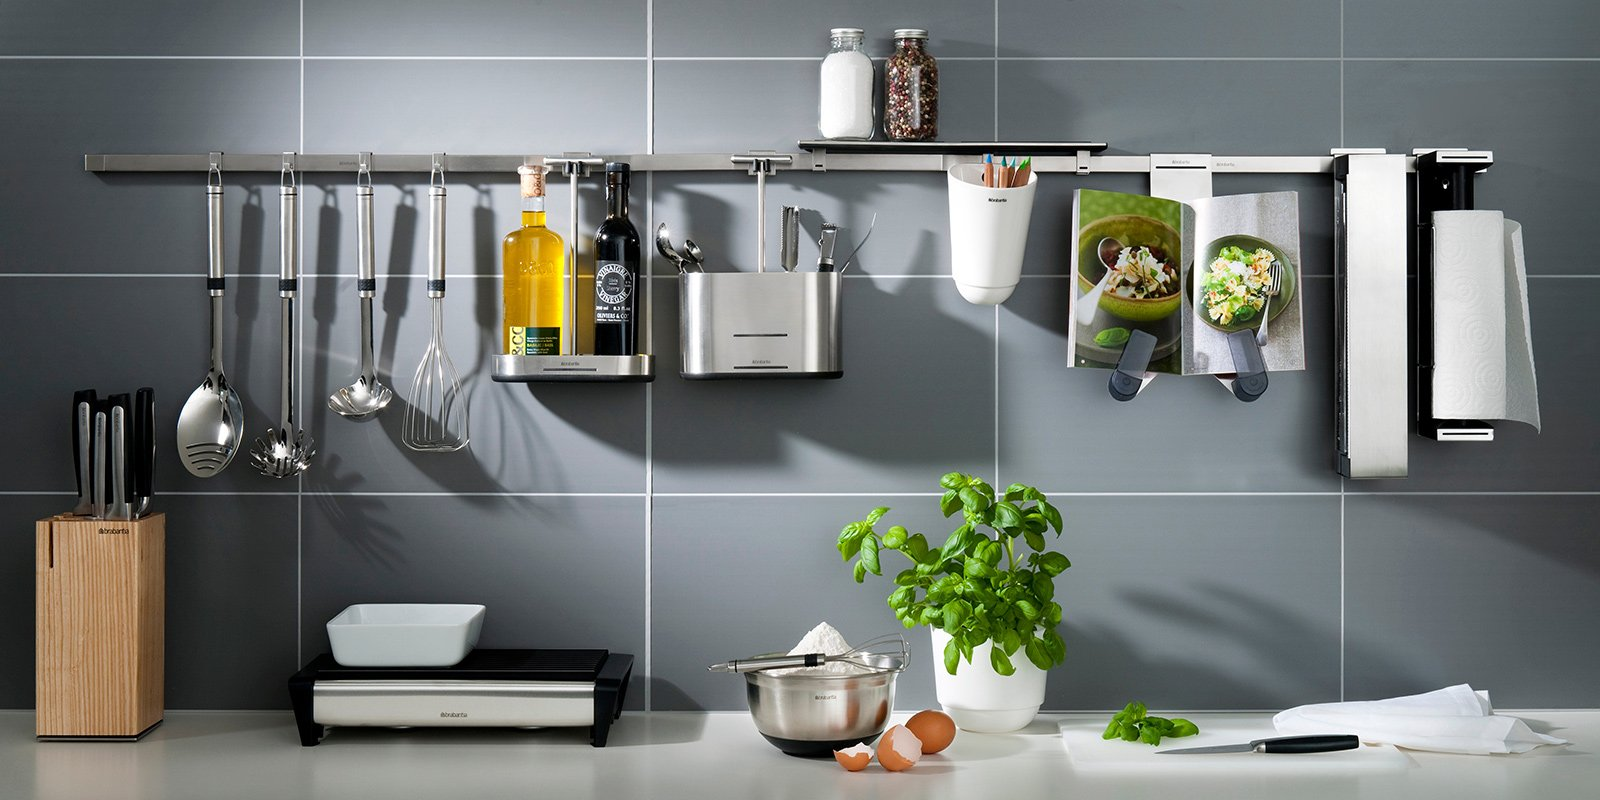 Best Copertura Piastrelle Cucina Gallery - Home Interior Ideas ...